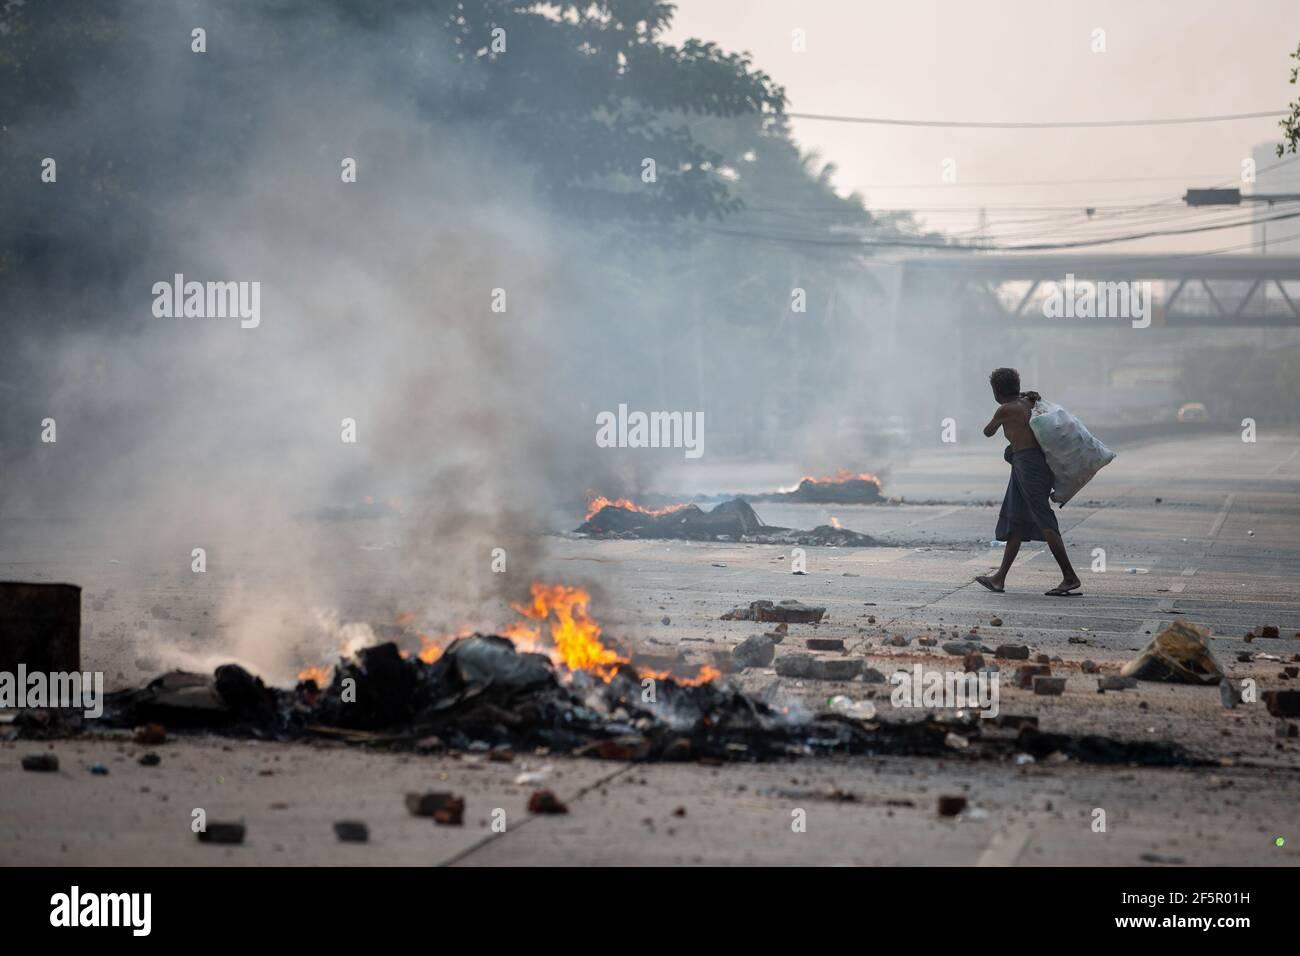 Yangon, Myanmar. 27 mars 2021. Un préparateur de bouteilles passant par les pneus en feu pendant la démonstration. L'armée birmane attaque les manifestants avec des balles en caoutchouc, des munitions réelles, des gaz lacrymogènes et des bombes sonores en réponse. Le nombre de morts pour aujourd'hui est de 144 et le plus élevé depuis le coup d'État militaire du 1er février. (Photo de Theint mon SOE/SOPA Images/Sipa USA) Credit: SIPA USA/Alay Live News Banque D'Images